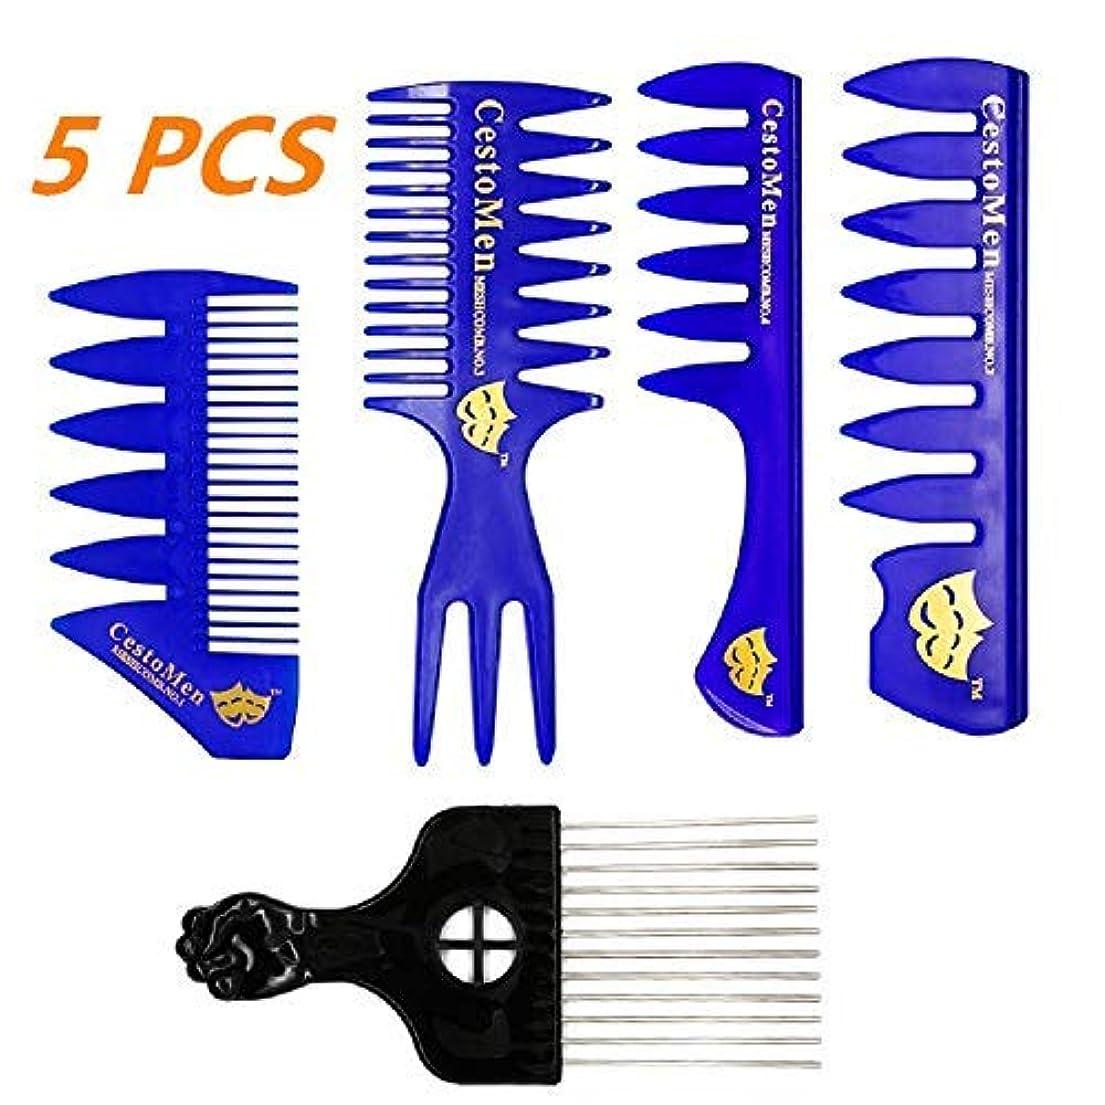 入口繰り返す生きている5 PCS Hair Comb Styling Set, Afro Pick Hair & Retro Hairstyle Wet Combs Professional Barber Tool (Blue & Black) [並行輸入品]